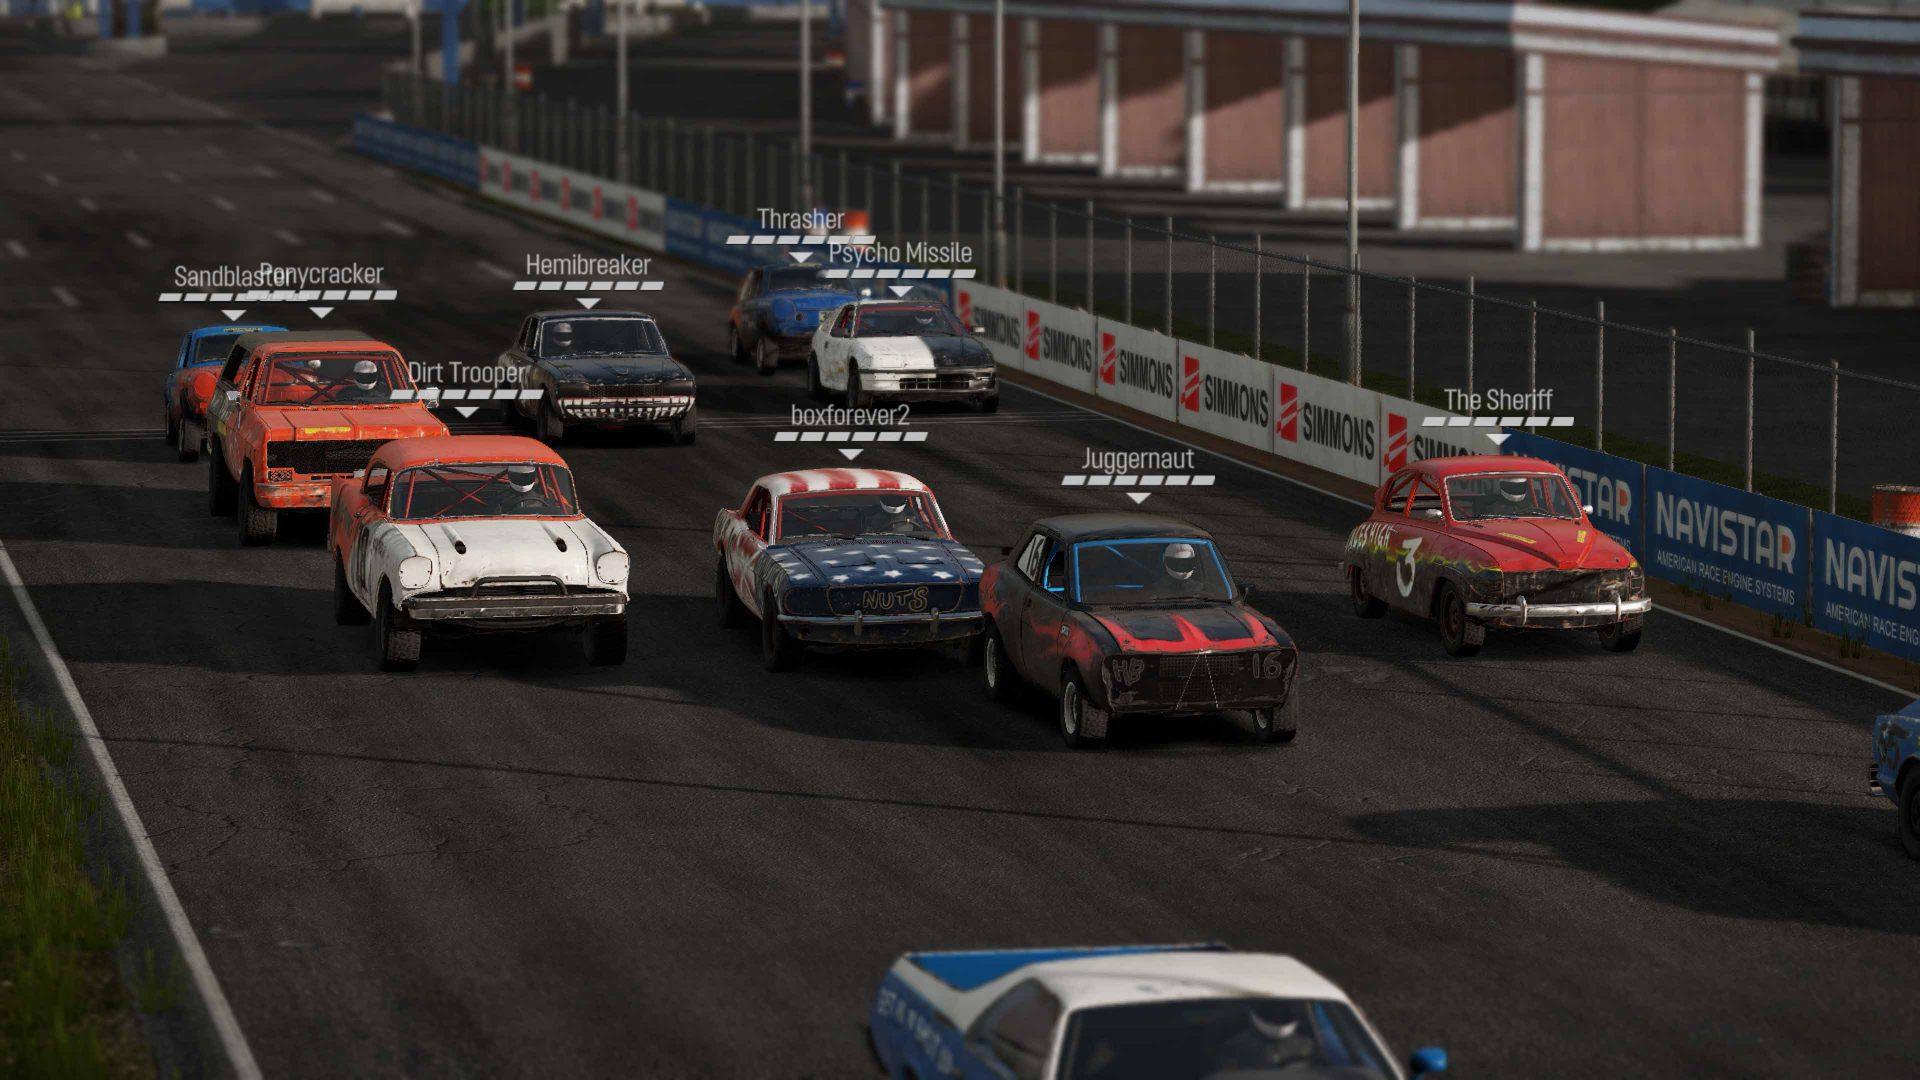 Análisis de Wreckfest - Analizamos Wreckfest para Xbox One un juego que bebe directamente de clásicos de las carreras y la destrucción de antaño como Destruction Derby.